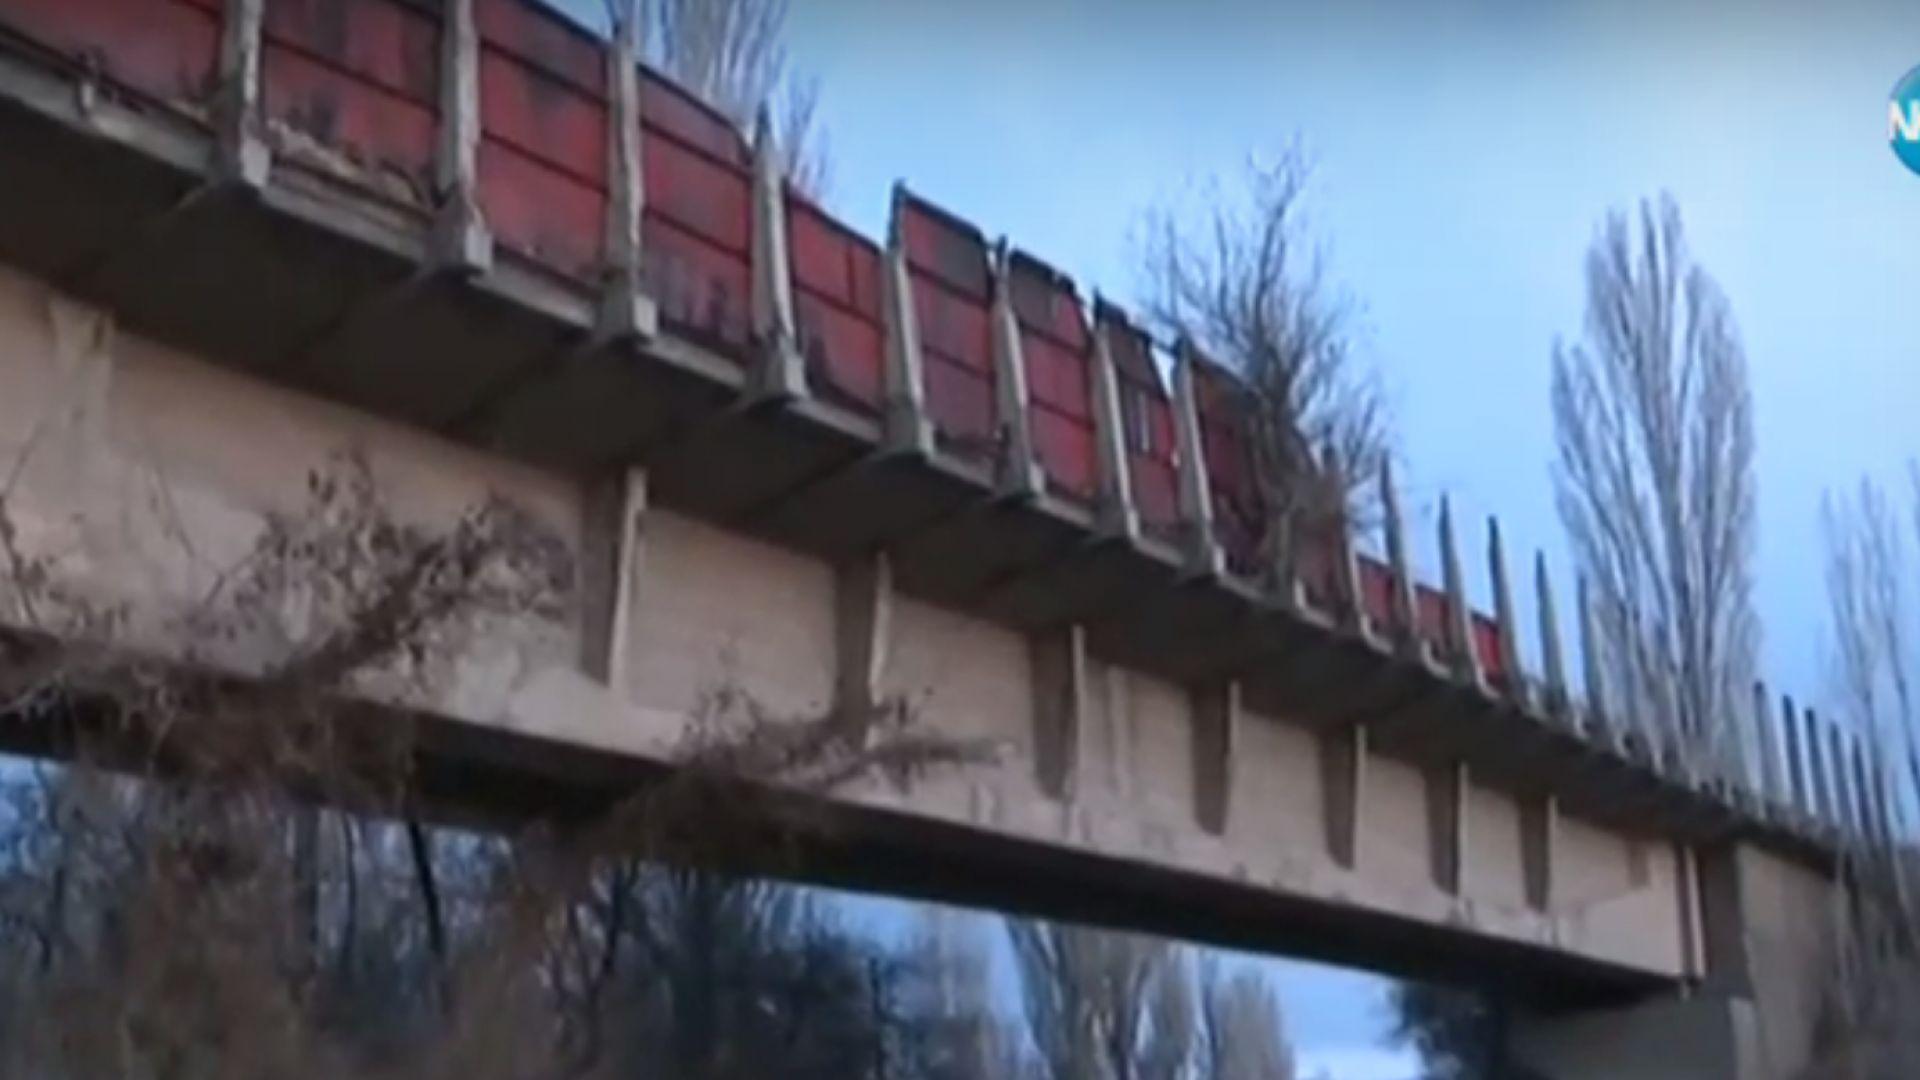 Oпасен мост застрашава стотици шофьори в София